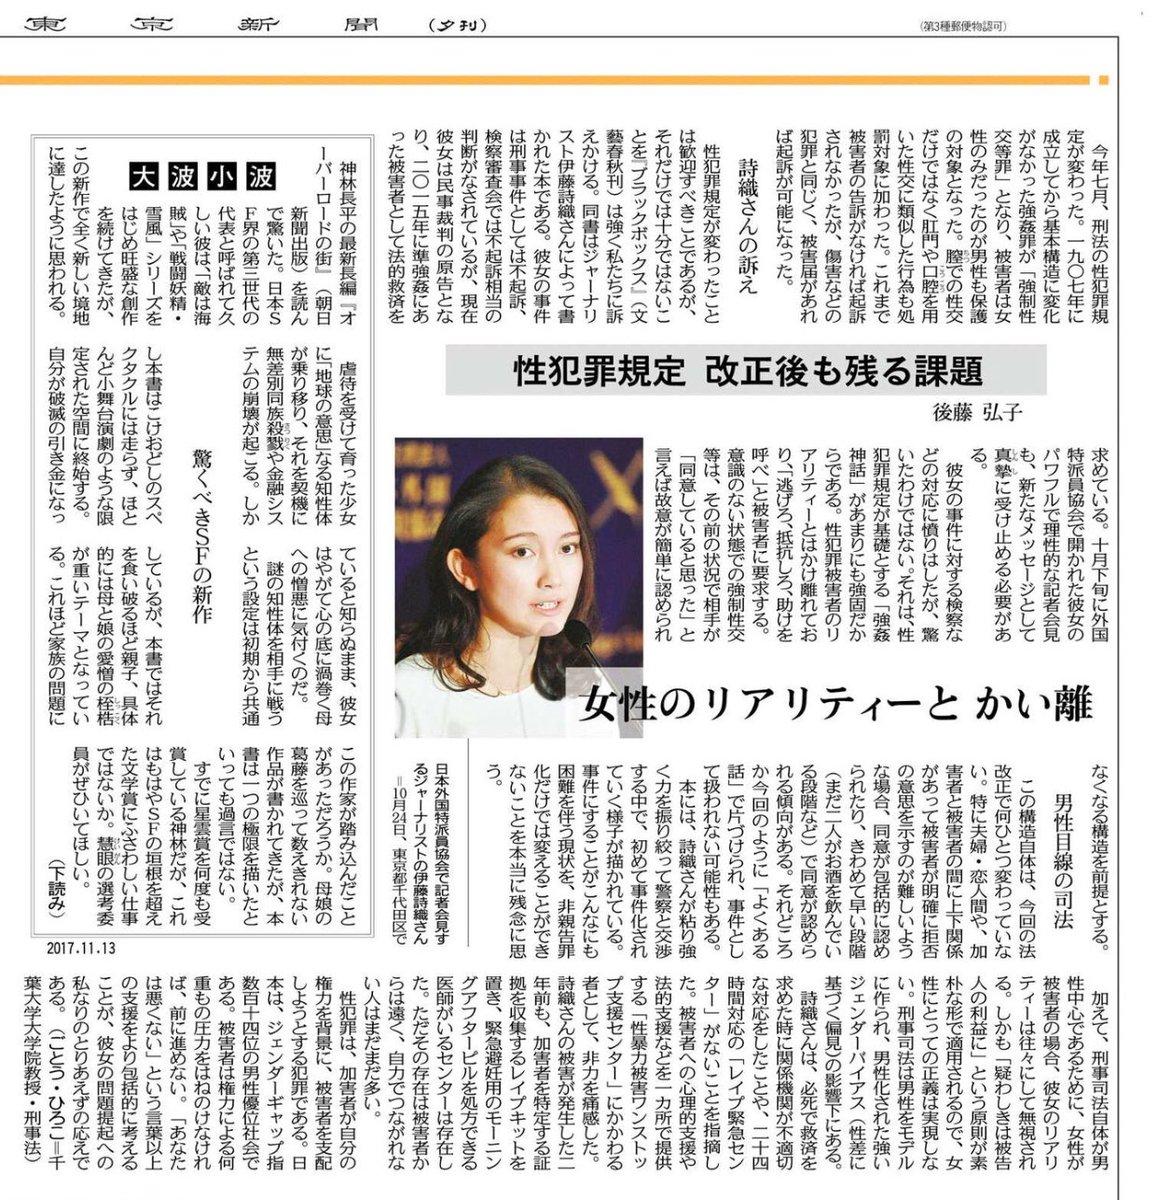 13日付 東京新聞 性犯罪規定、改正後残る課題 後藤弘子法科大学院教授 「性犯罪規定『強姦神話』が強…